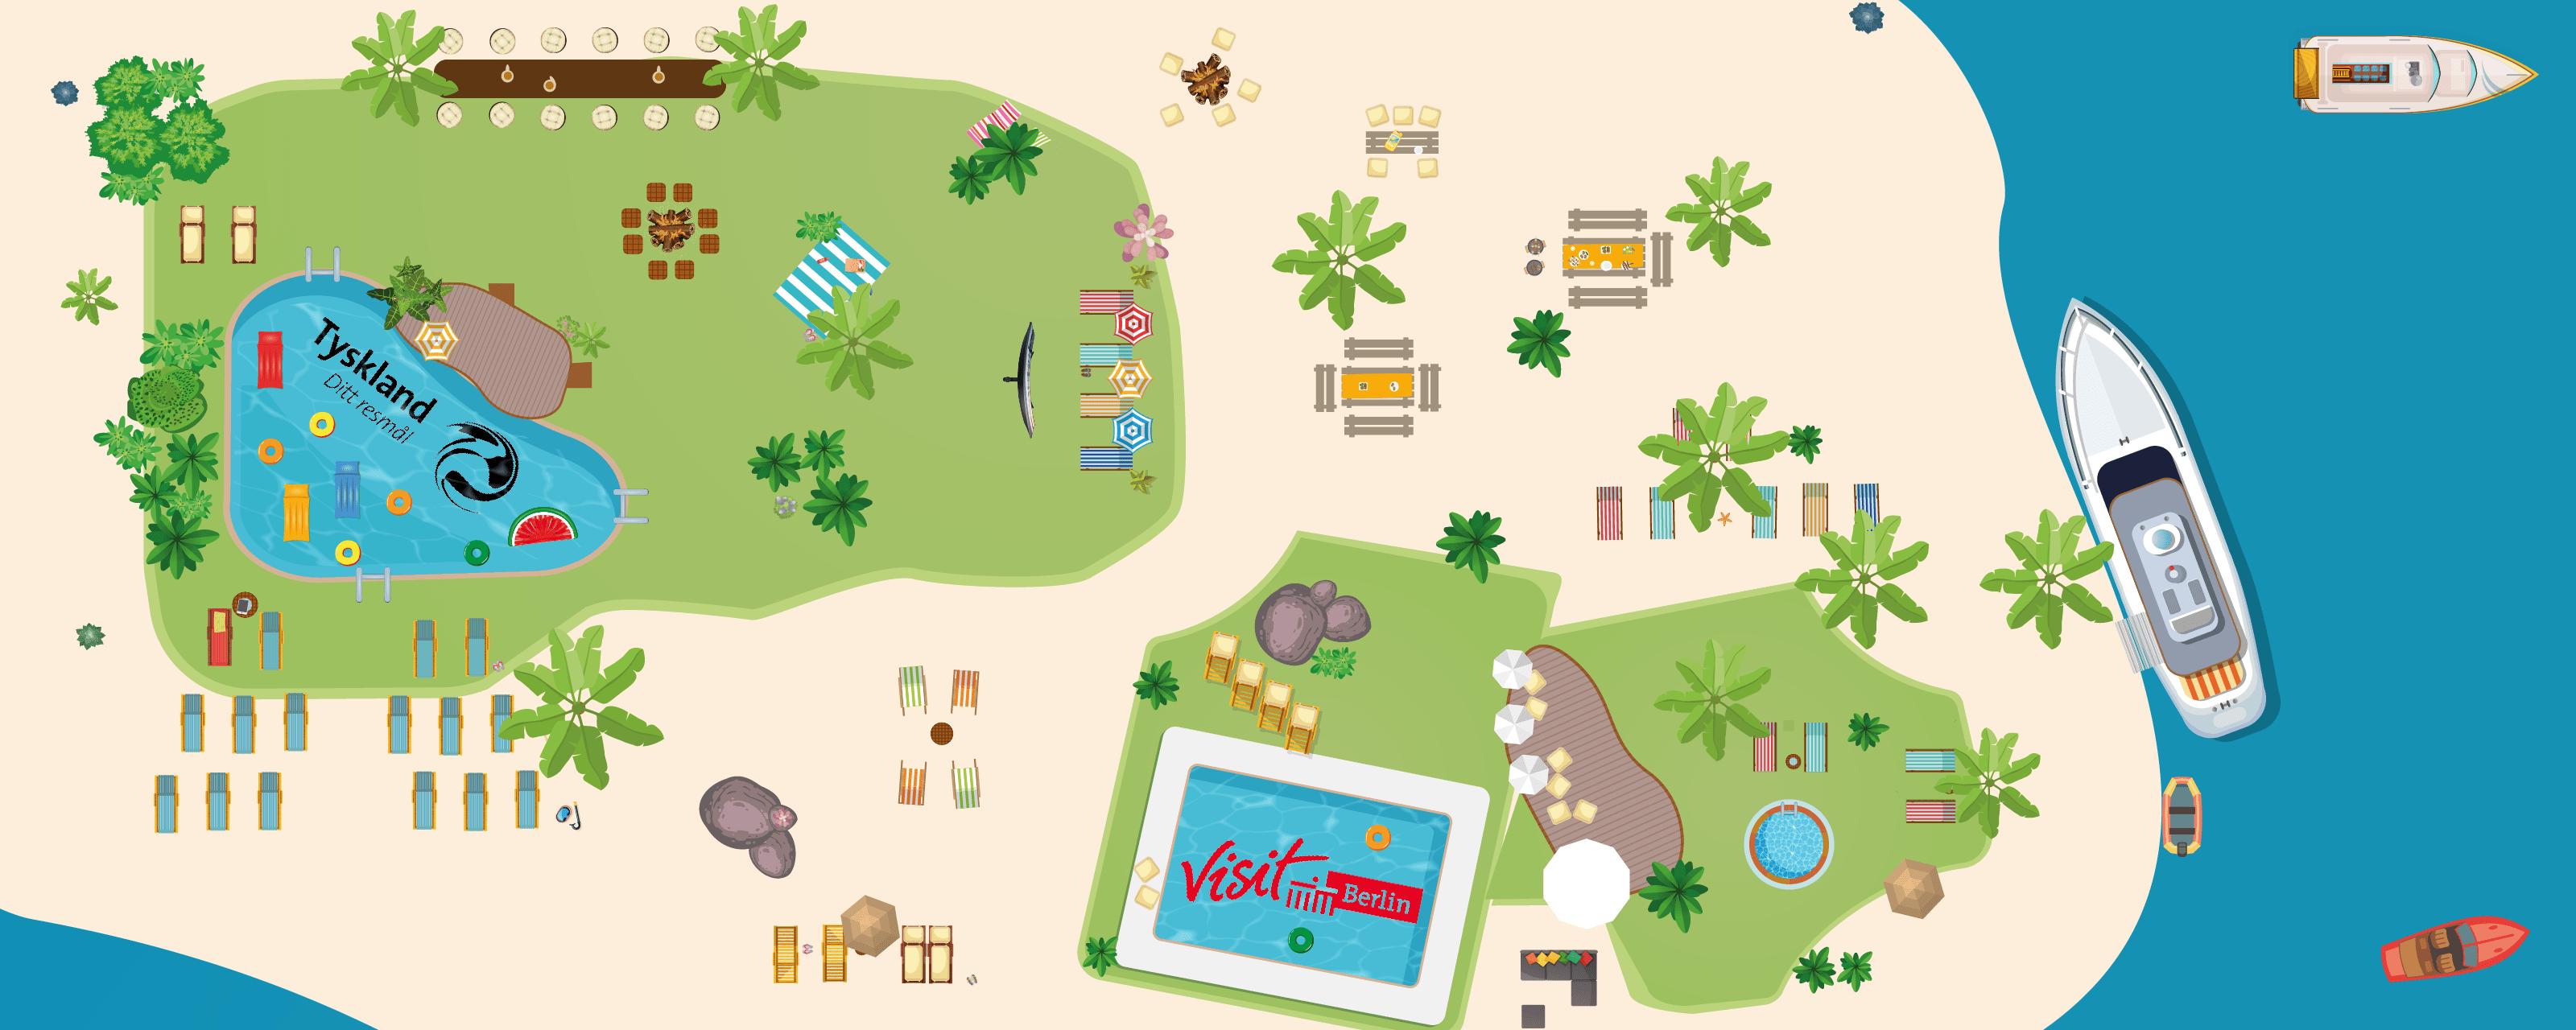 Virtuelle Karibische Insel